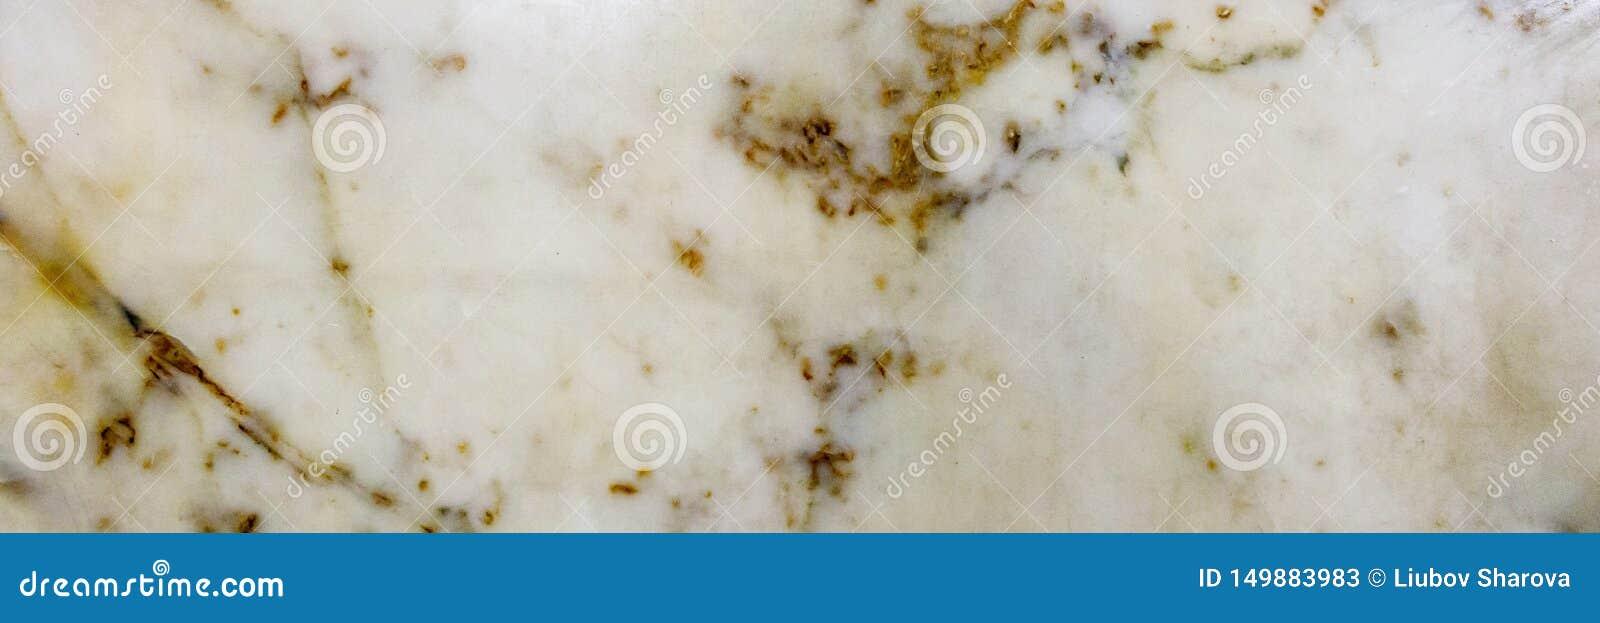 Texture de marbre de fond sans couture Pierre ext?rieure d abr?g? sur mod?le de nature L art d?corent le papier, mur, ?l?ments ar